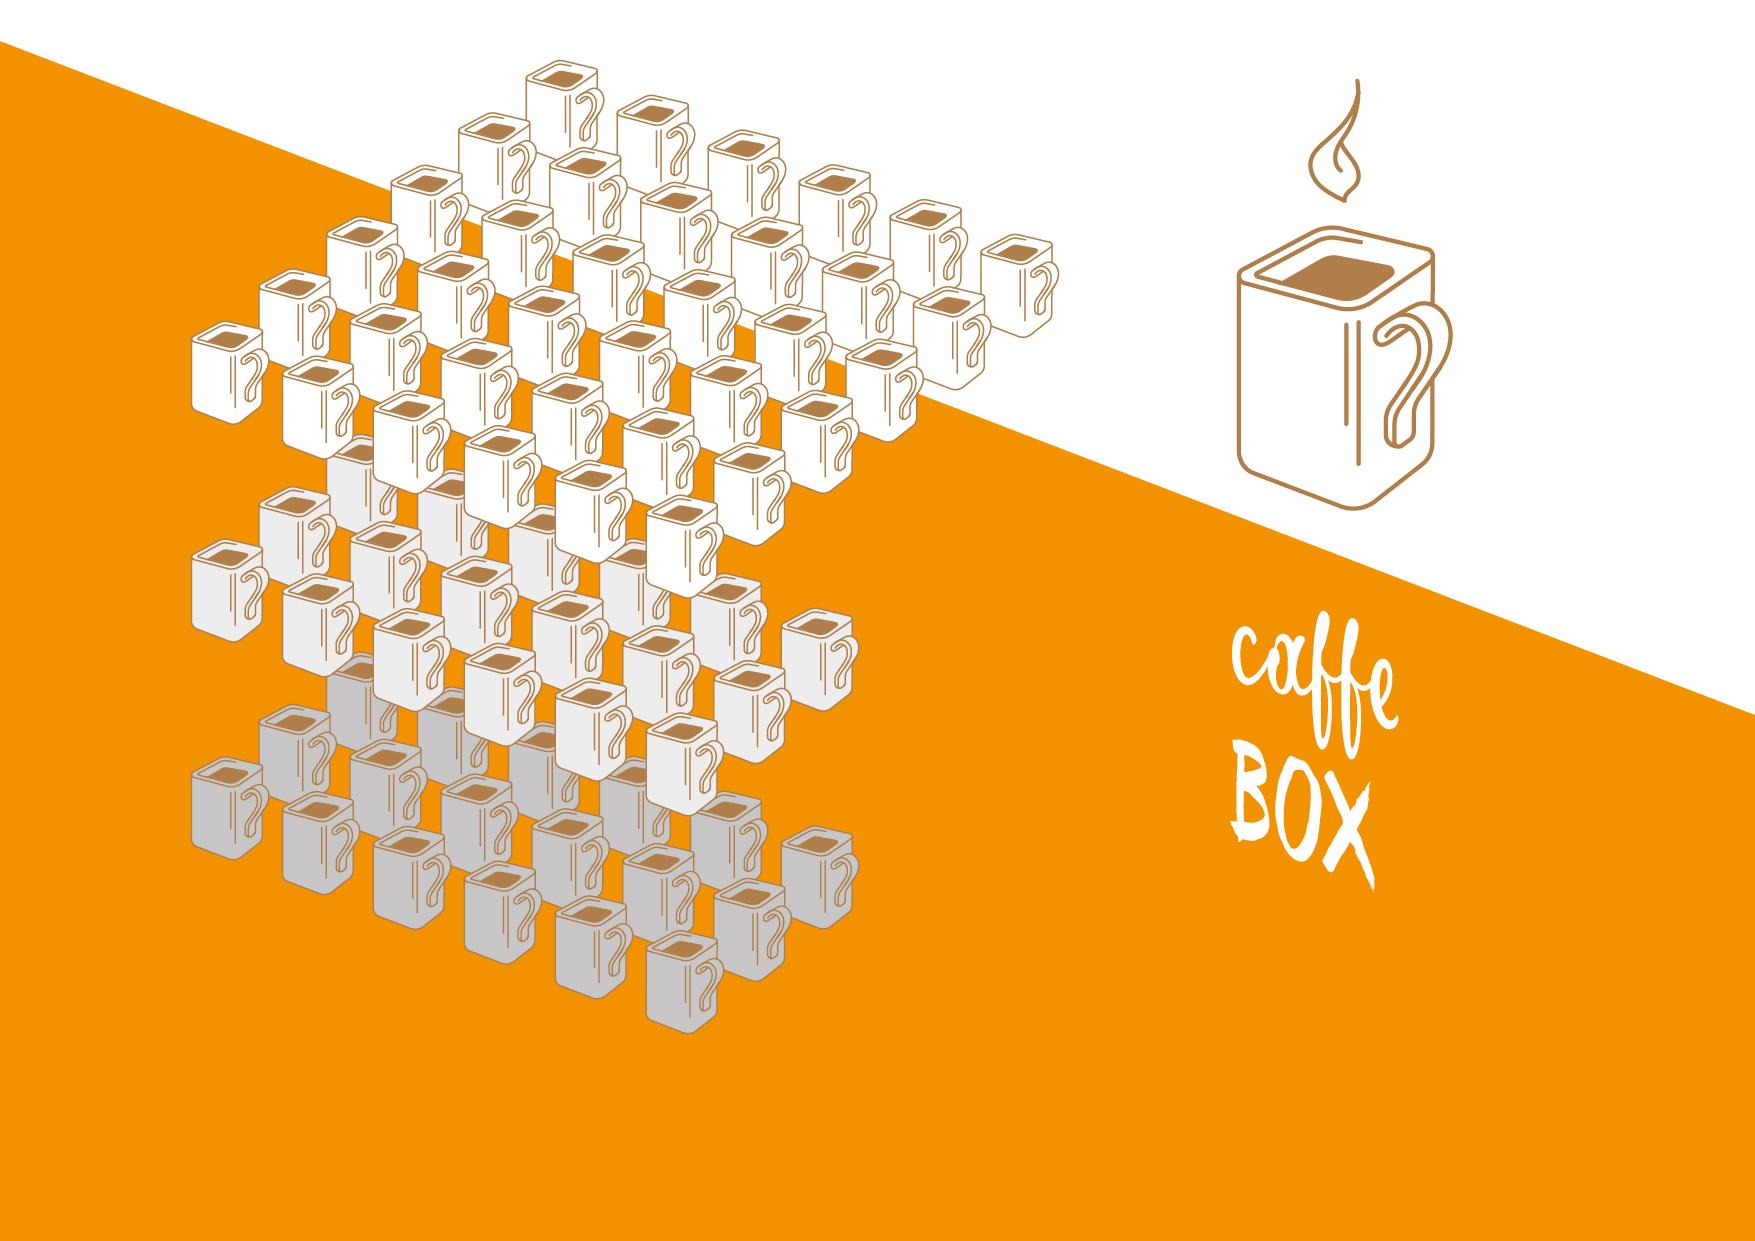 Требуется очень срочно разработать логотип кофейни! фото f_9185a0dae4397d27.jpg